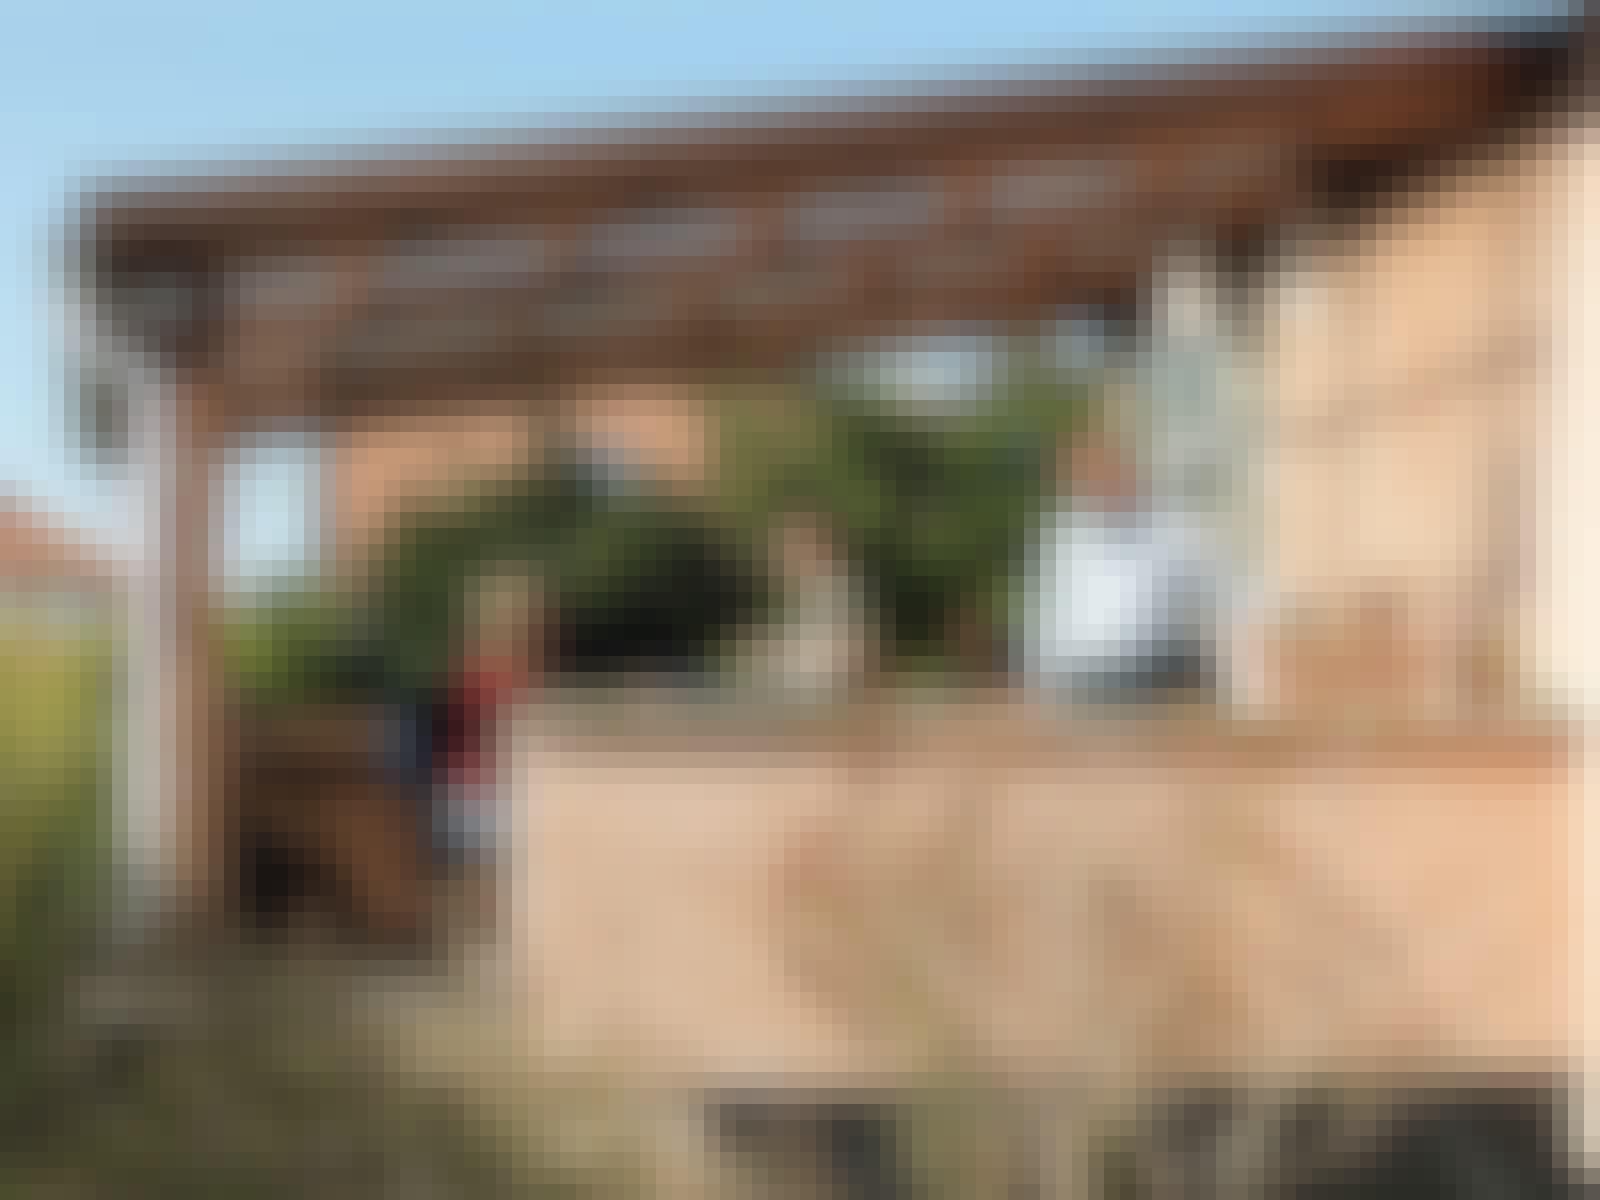 overdækket terrasse uden samlinger